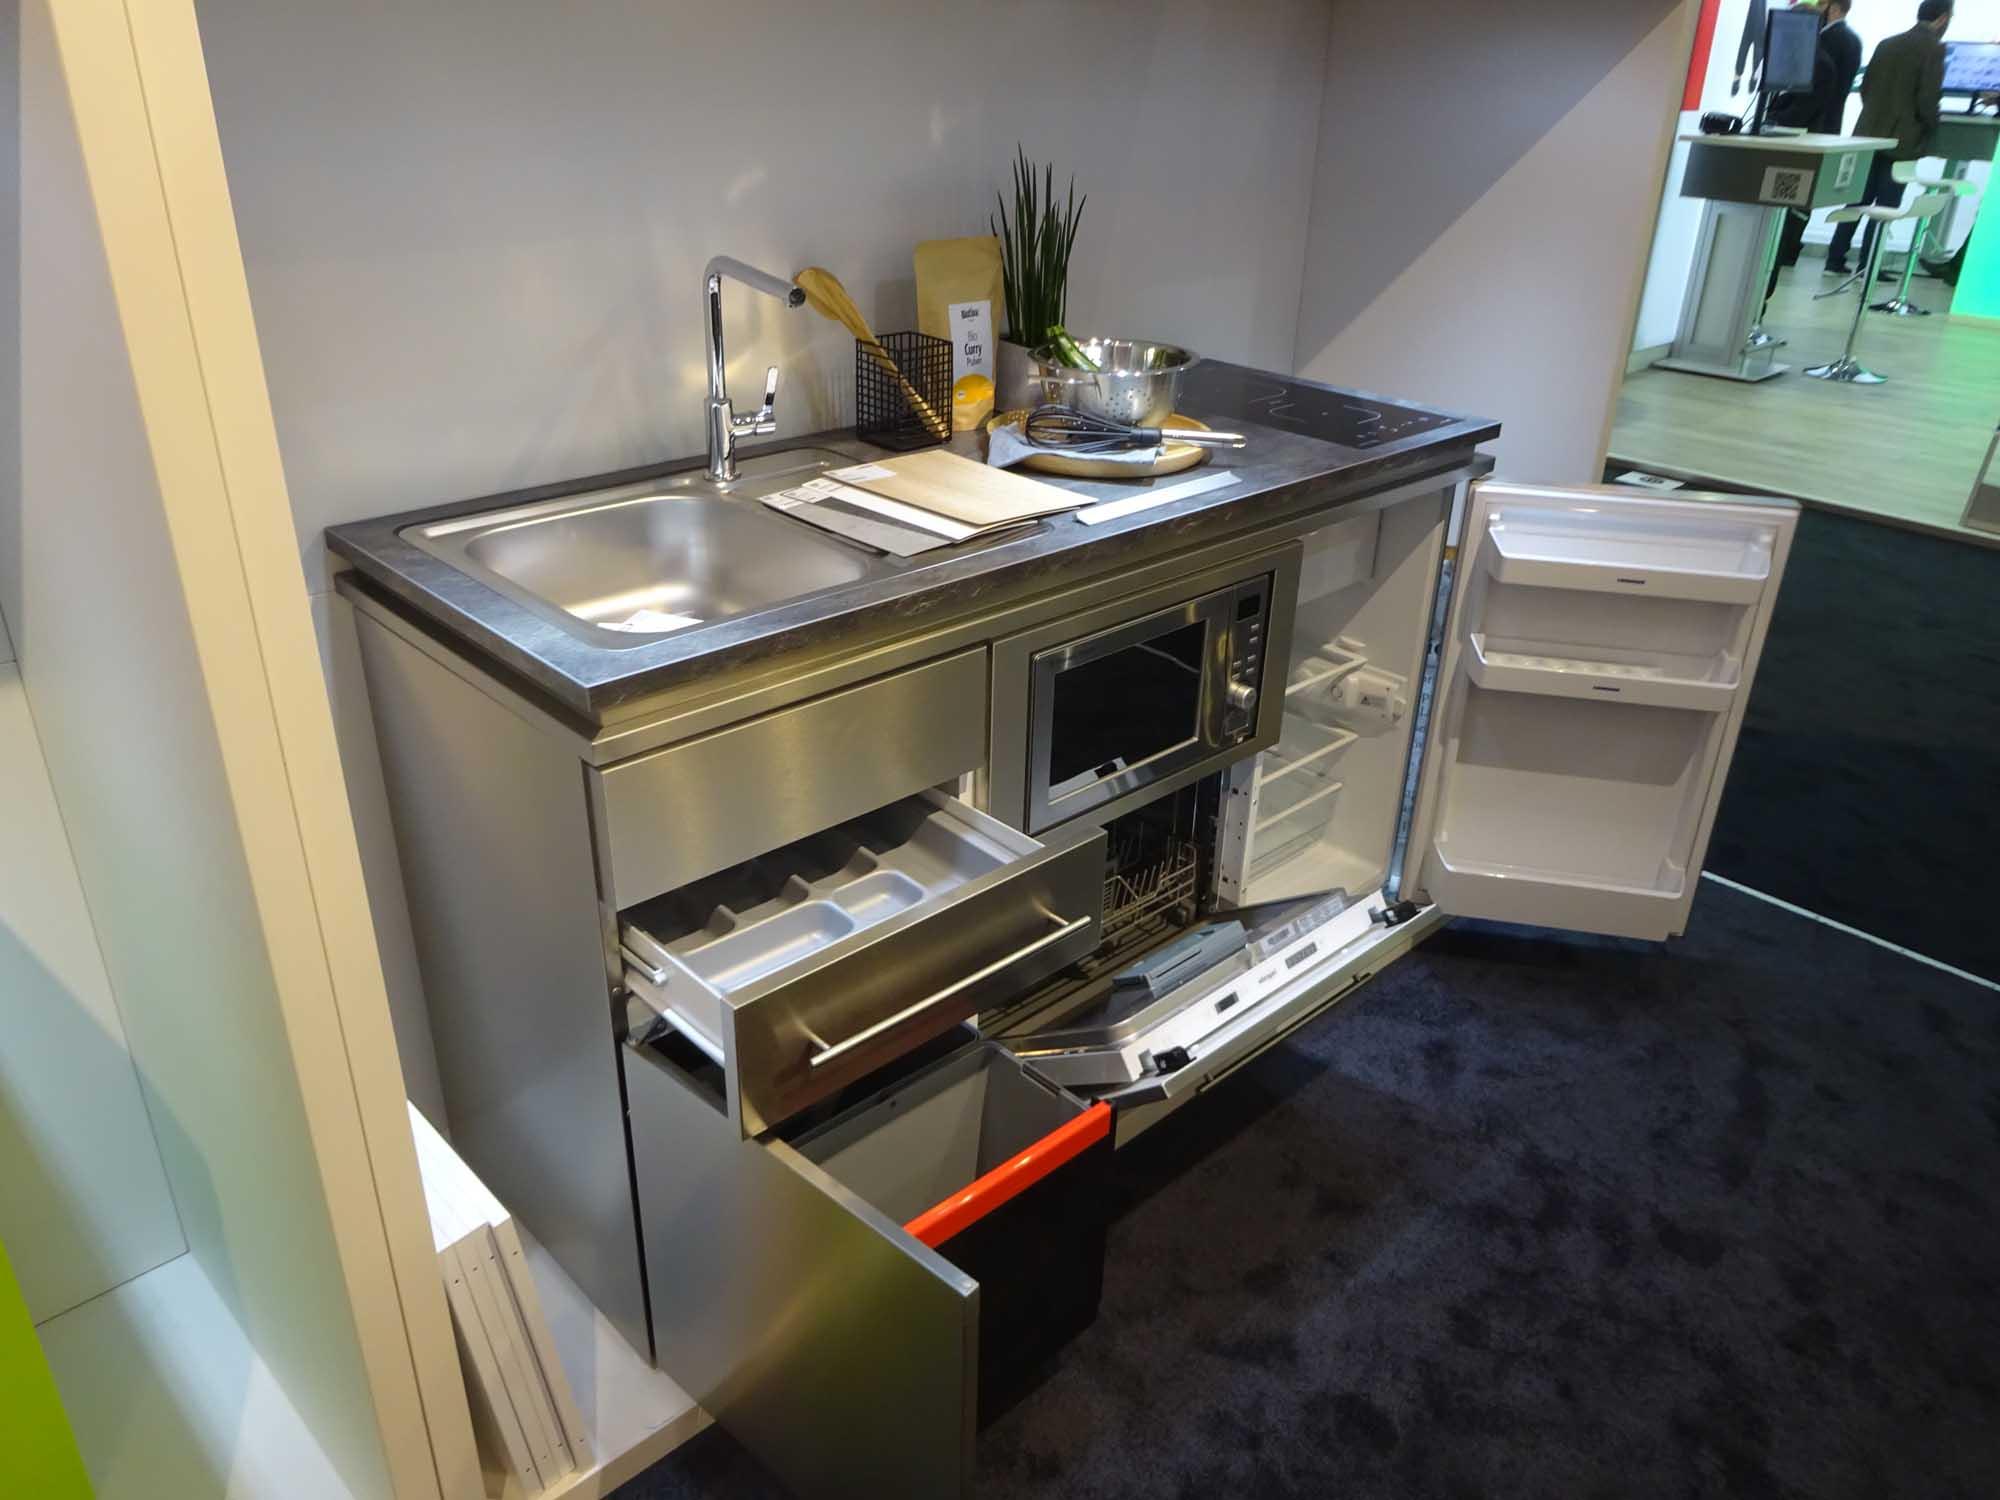 Outdoor Küche Ikea Opinie : Outdoor küche ikea opinie: besten kitchen bilder auf mein haus küche